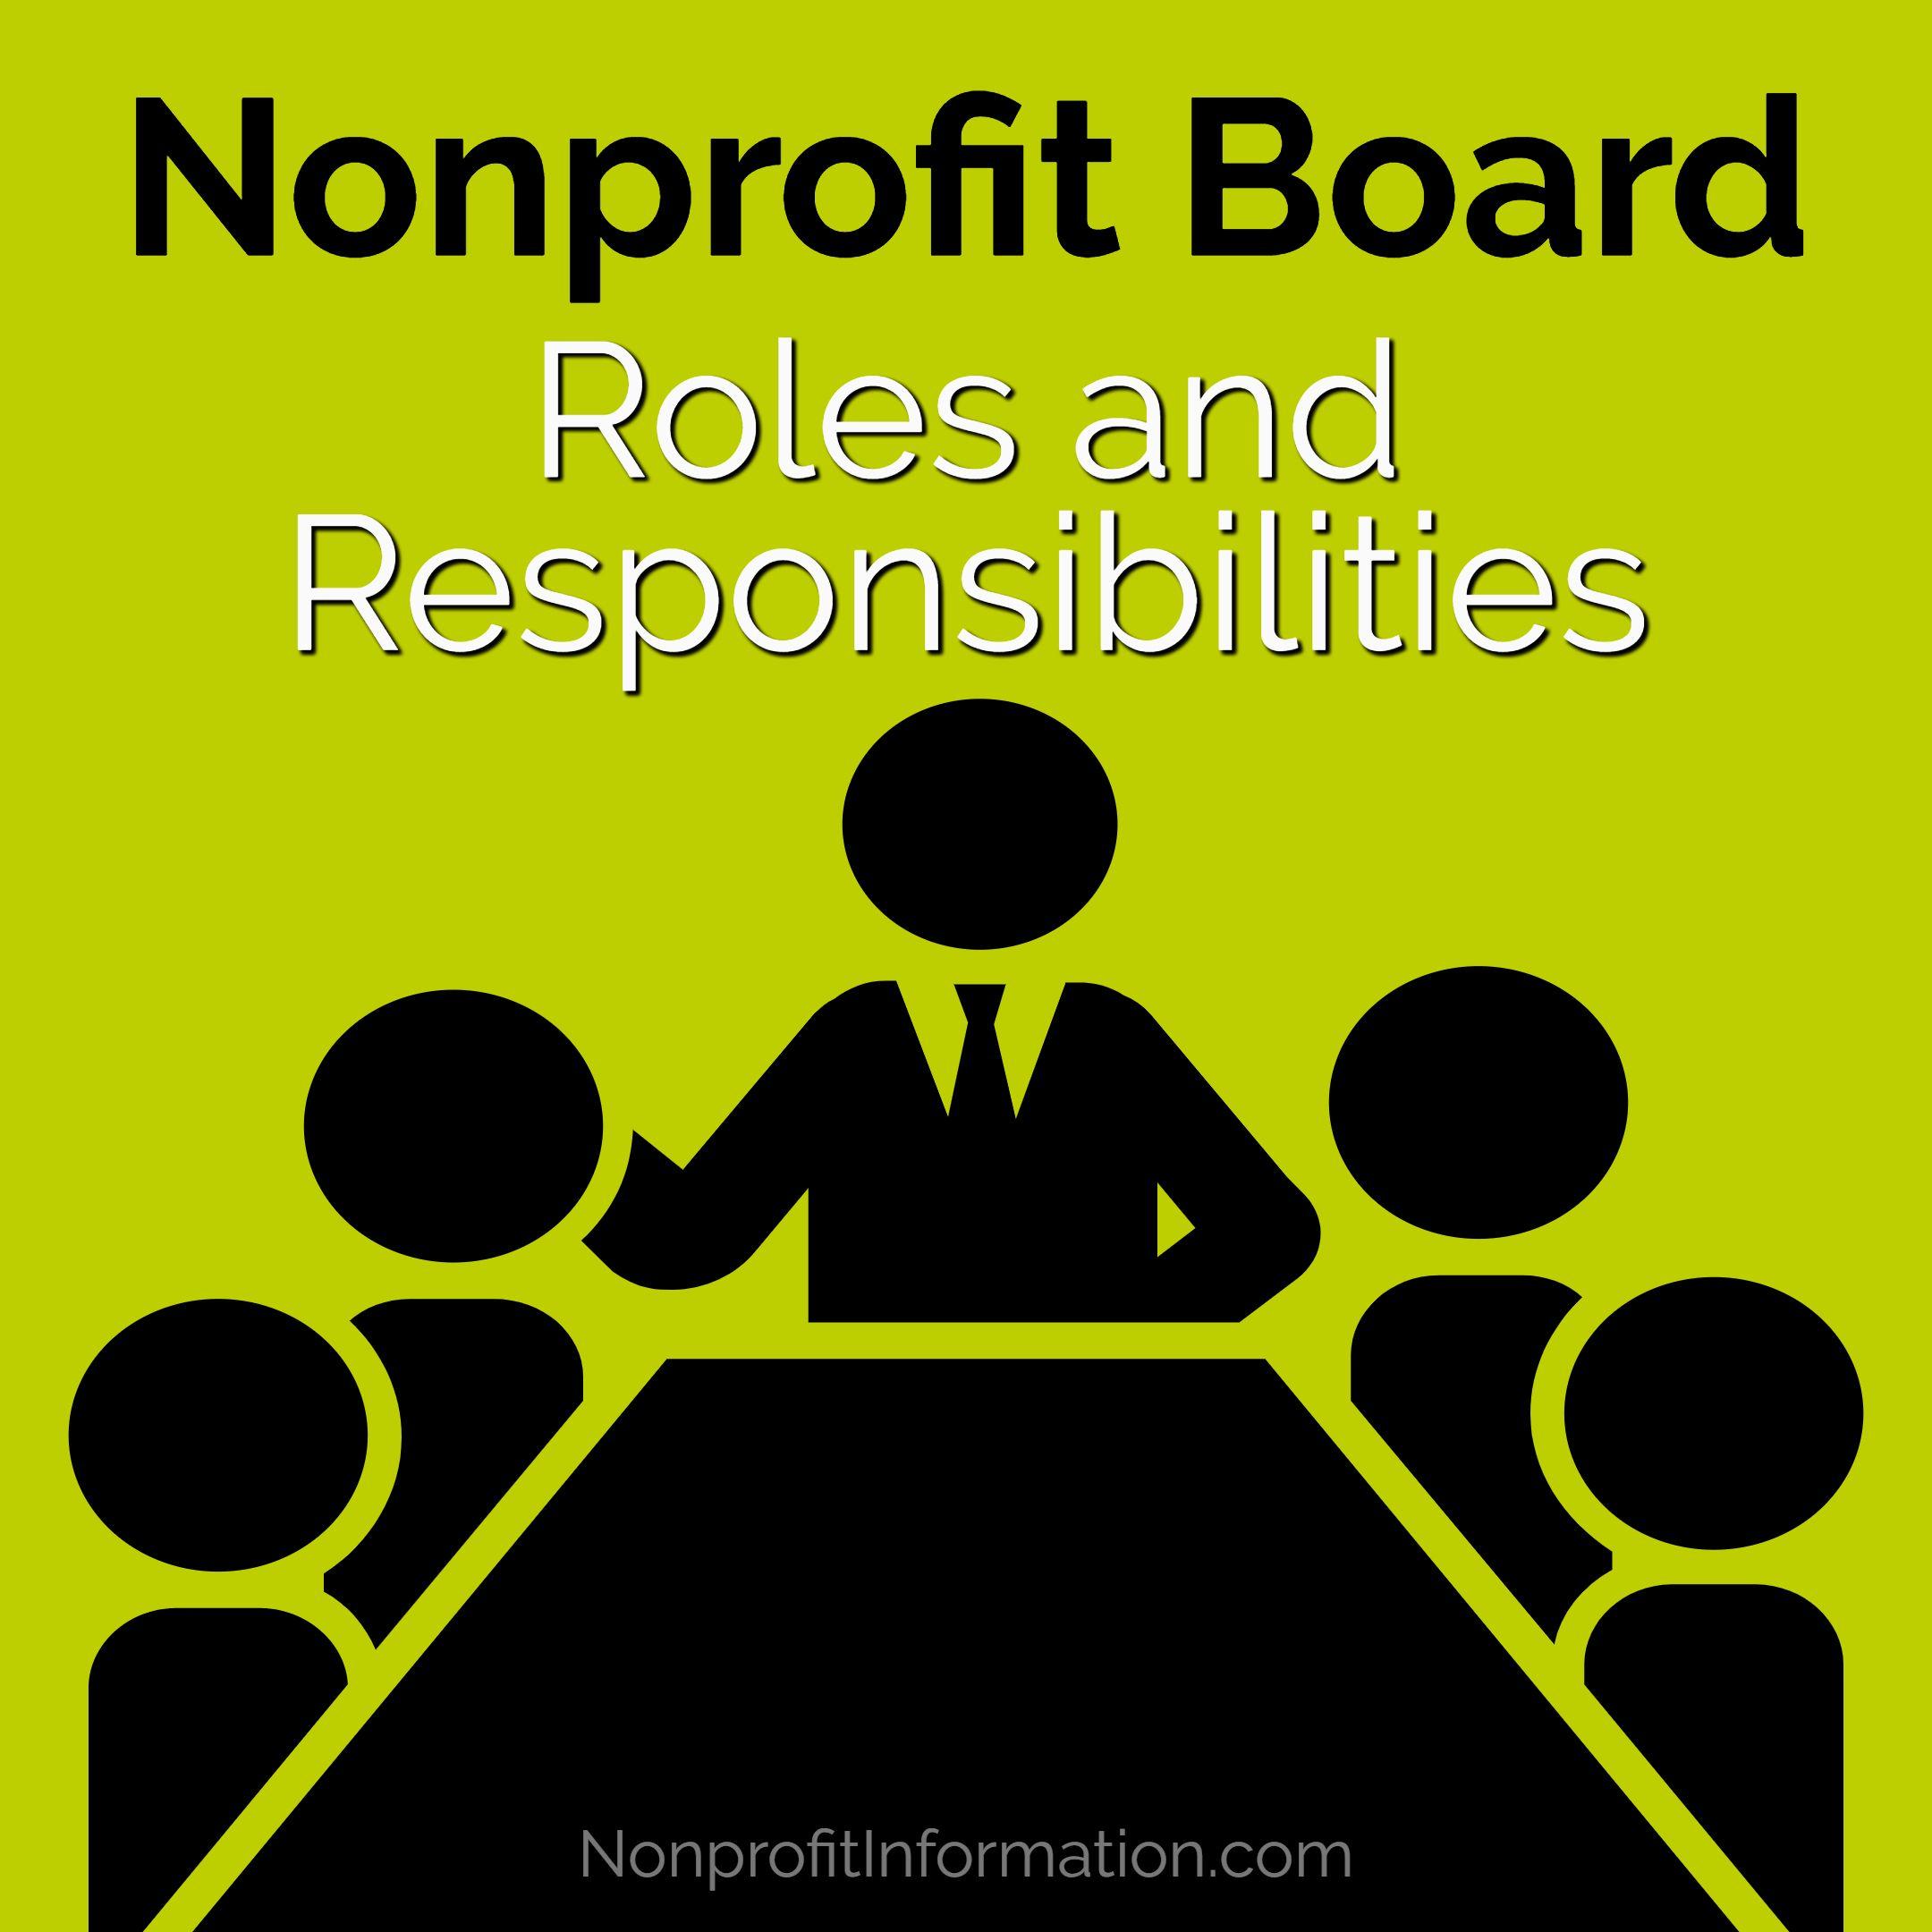 Roles of a Nonprofit Board Nonprofit Board Roles